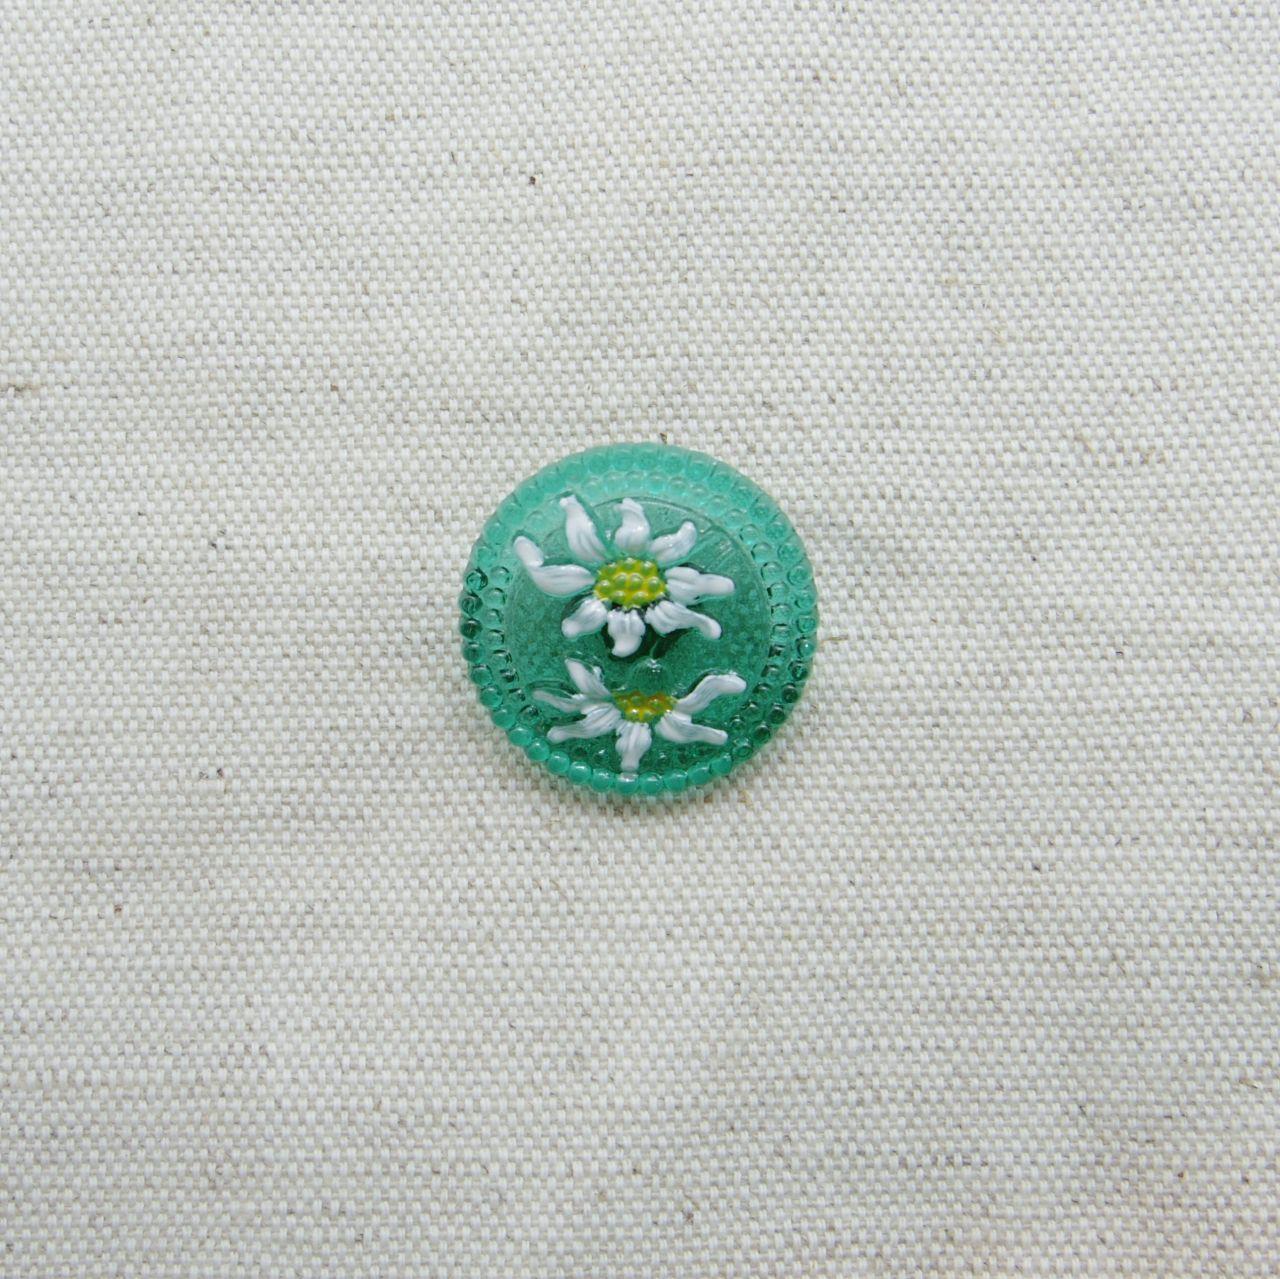 【チェコガラスボタン】エーデルワイス・クリア緑 ::: 中2.3cm